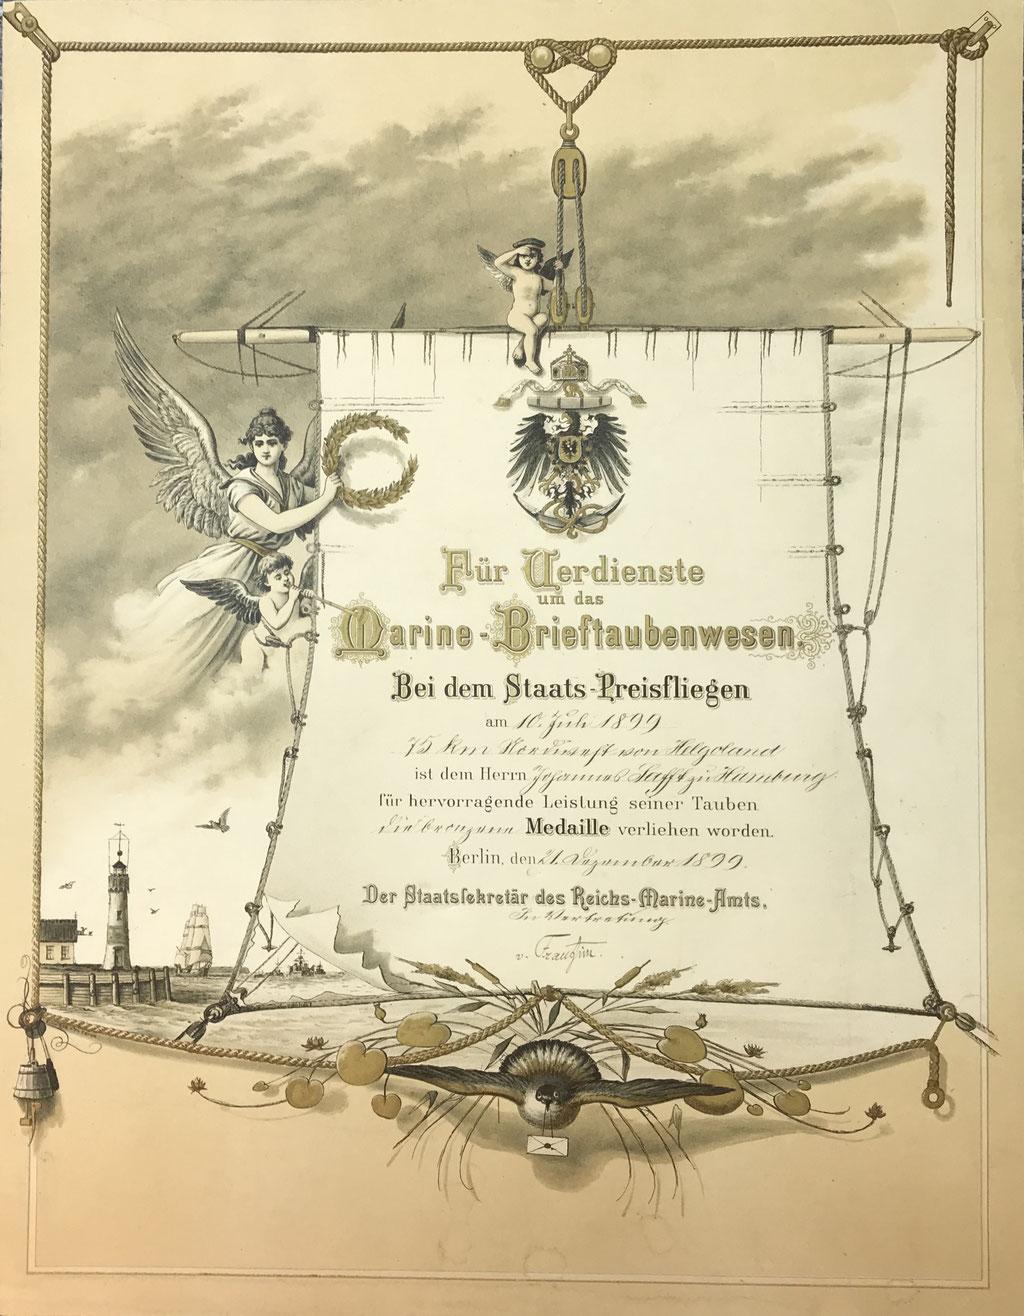 Urkunde des Reichs-Marine-Amts für Verdienste um das Marine-Brieftaubenwesen aus dem Jahr 1899